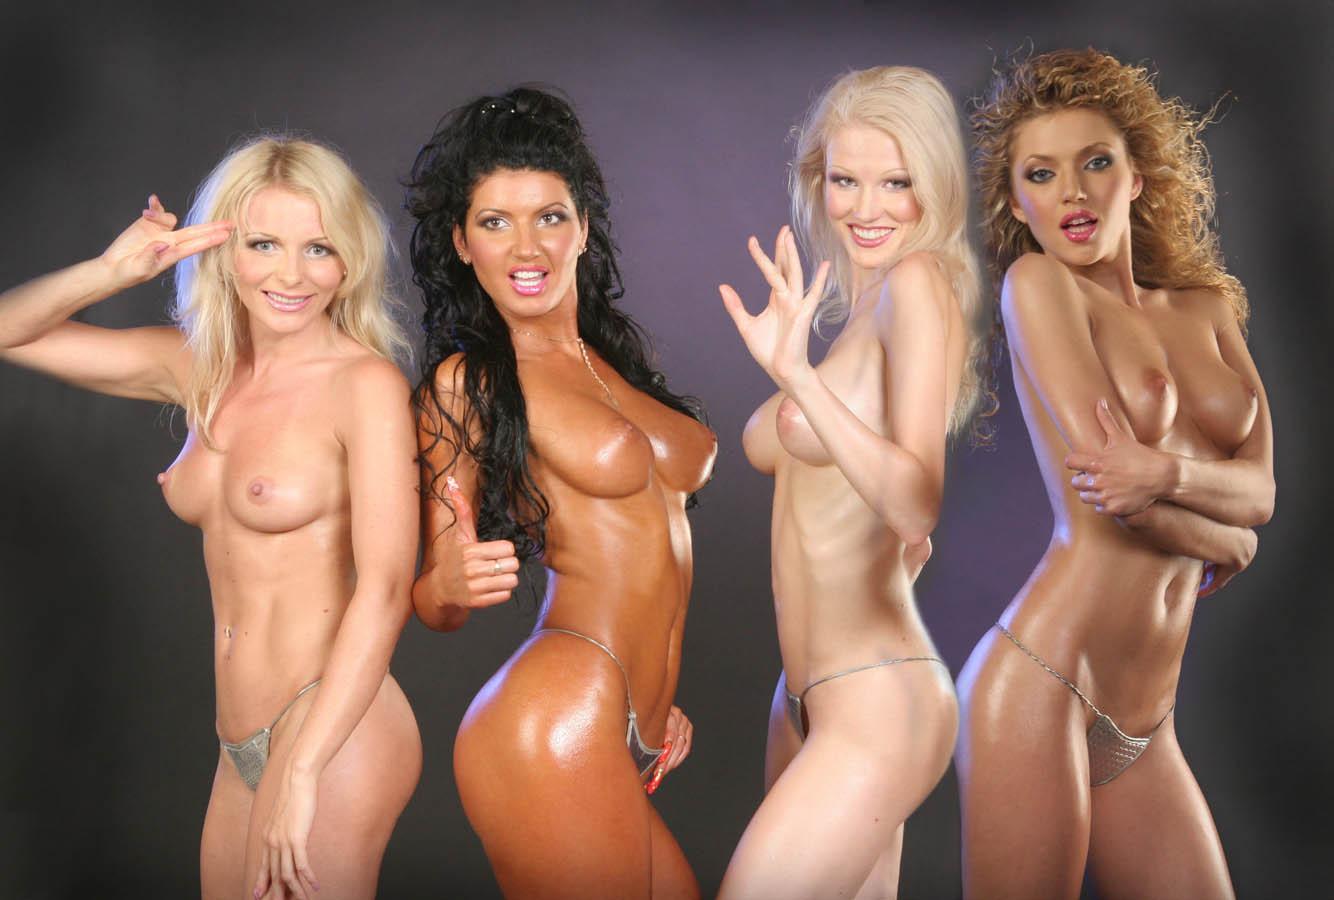 Эротические фото русской эстрады, порно секс оргазмы от больших предметов в вагине